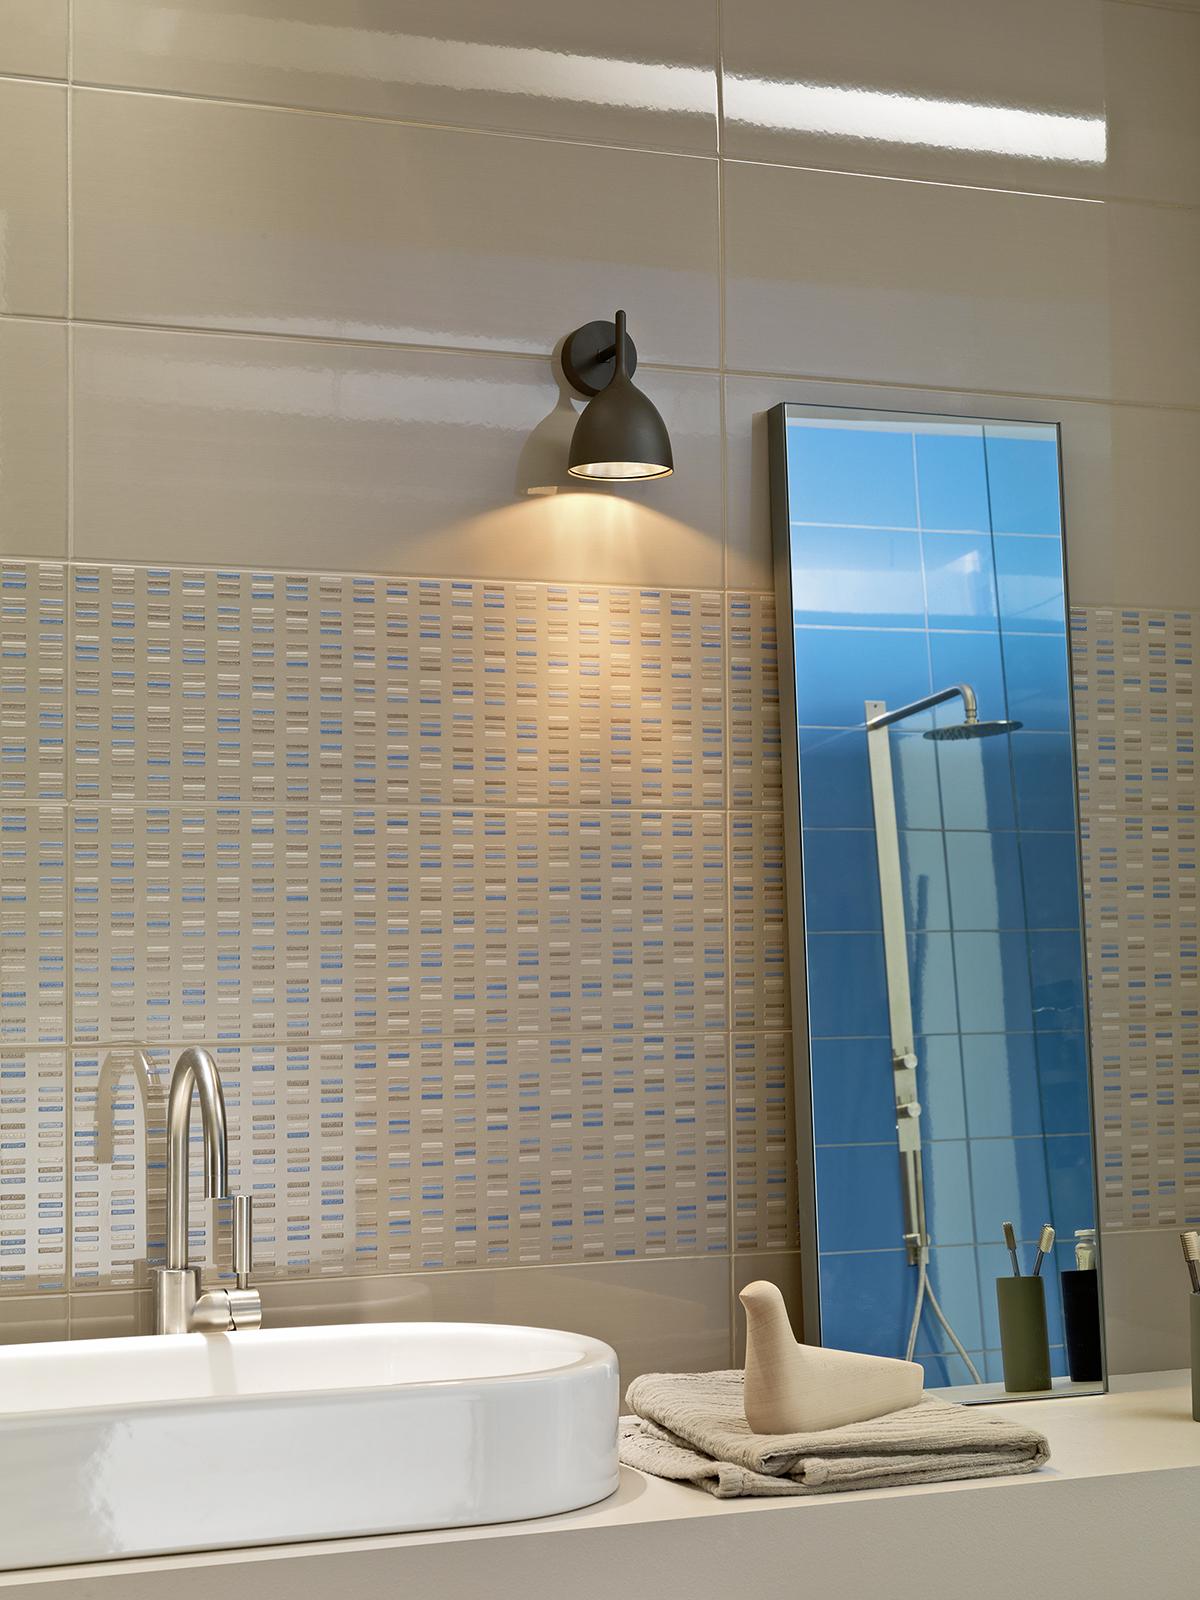 Piastrelle per rivestimenti cucina bagno doccia marazzi - Ceramiche per bagno marazzi ...